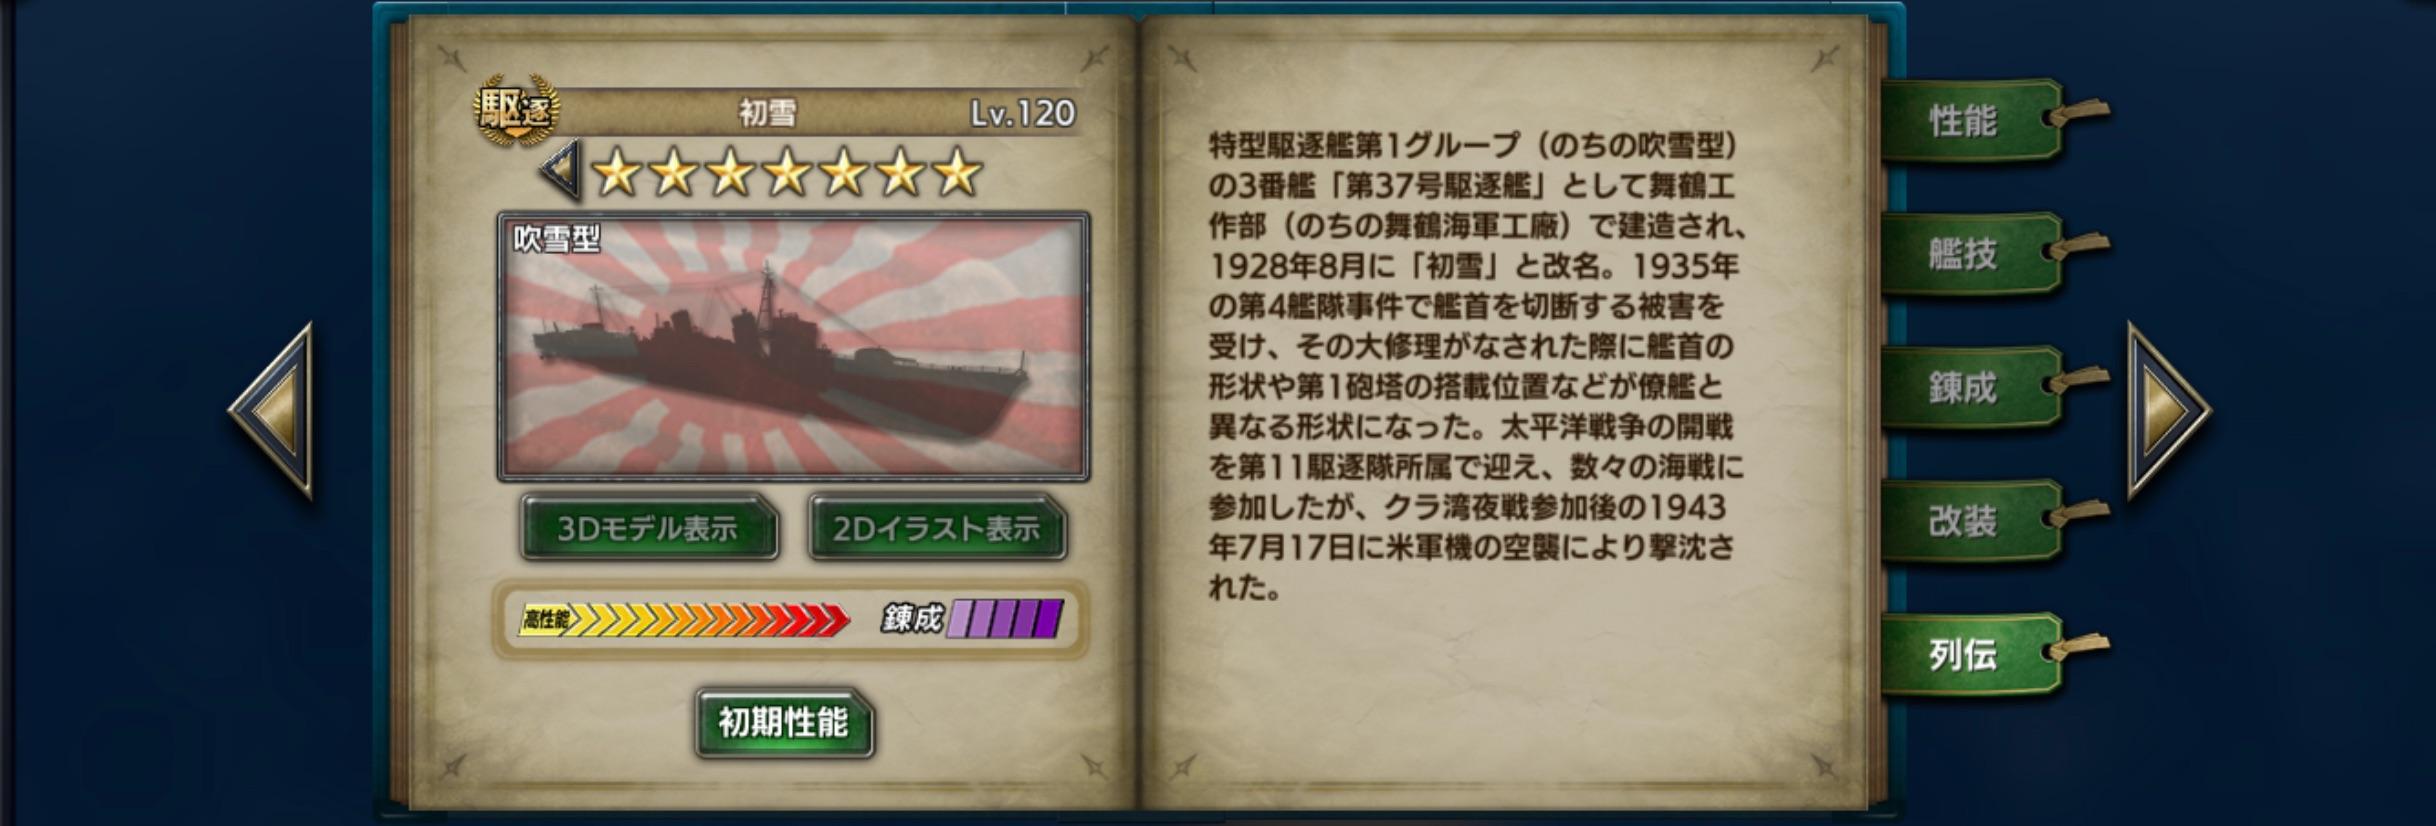 Hatsuyuki-history